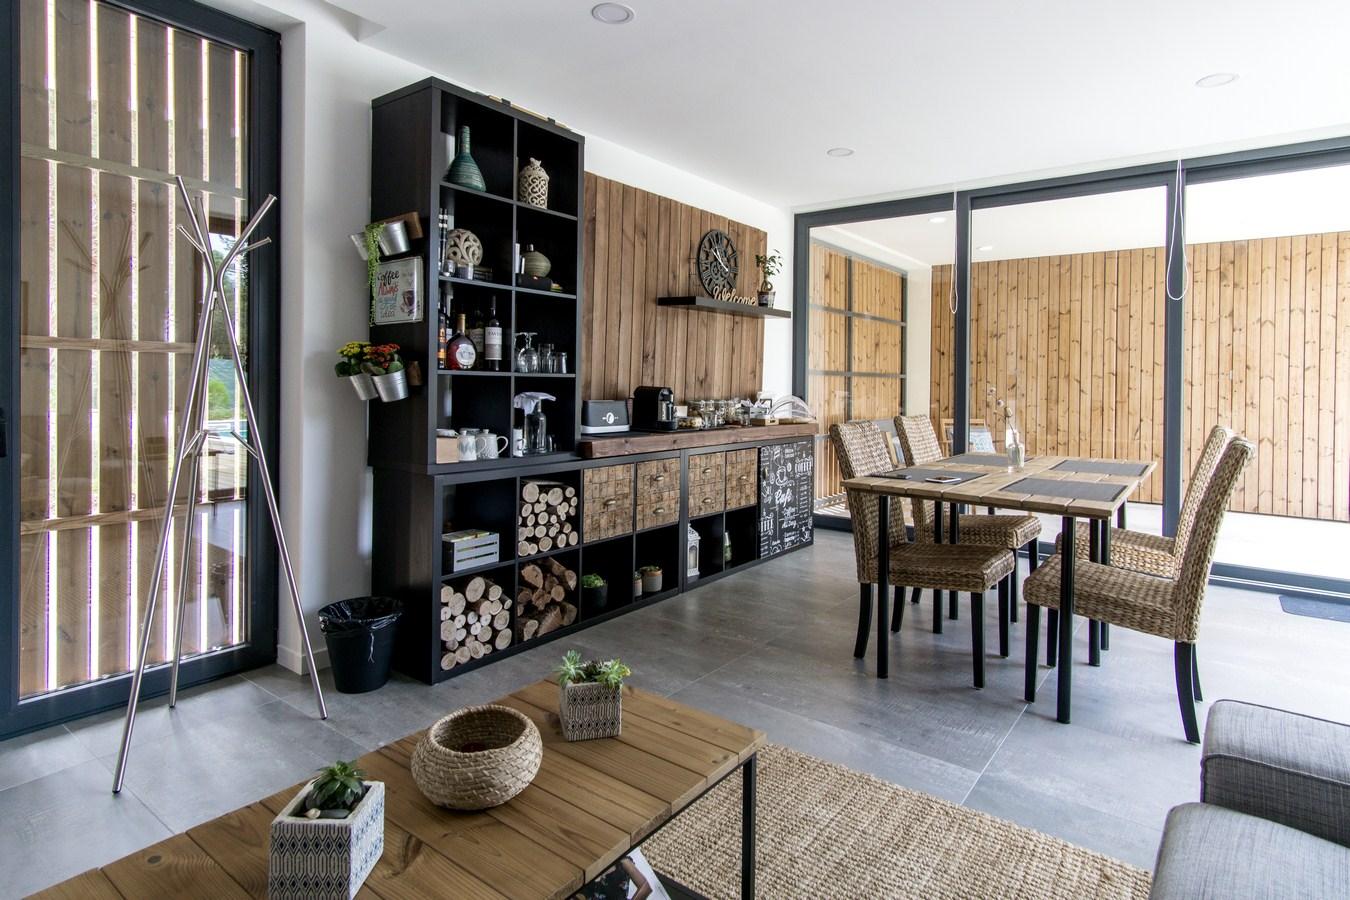 Namu House By [i]da arquitectos - Sheet40